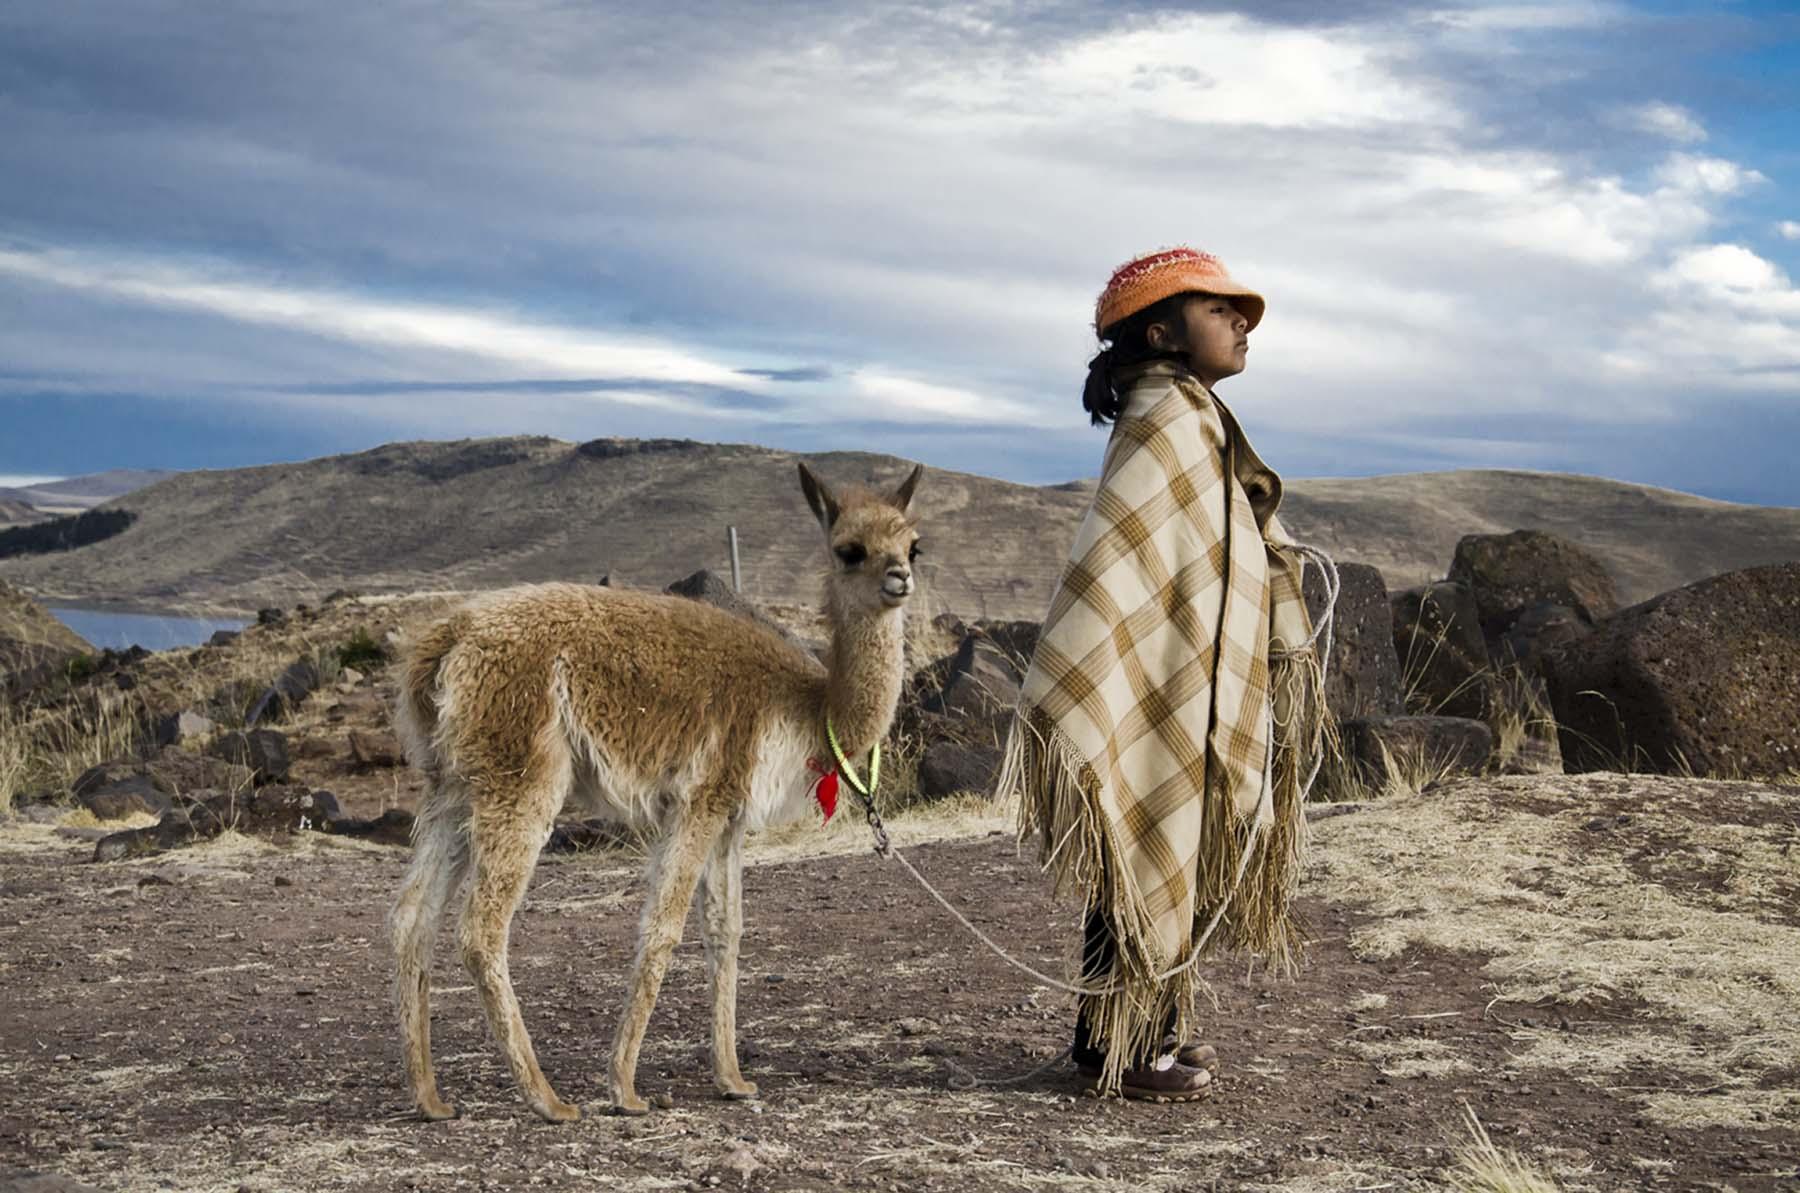 Bilddatei: Grenzgang_Vortrag_PerúBolivien_presse_1.jpg